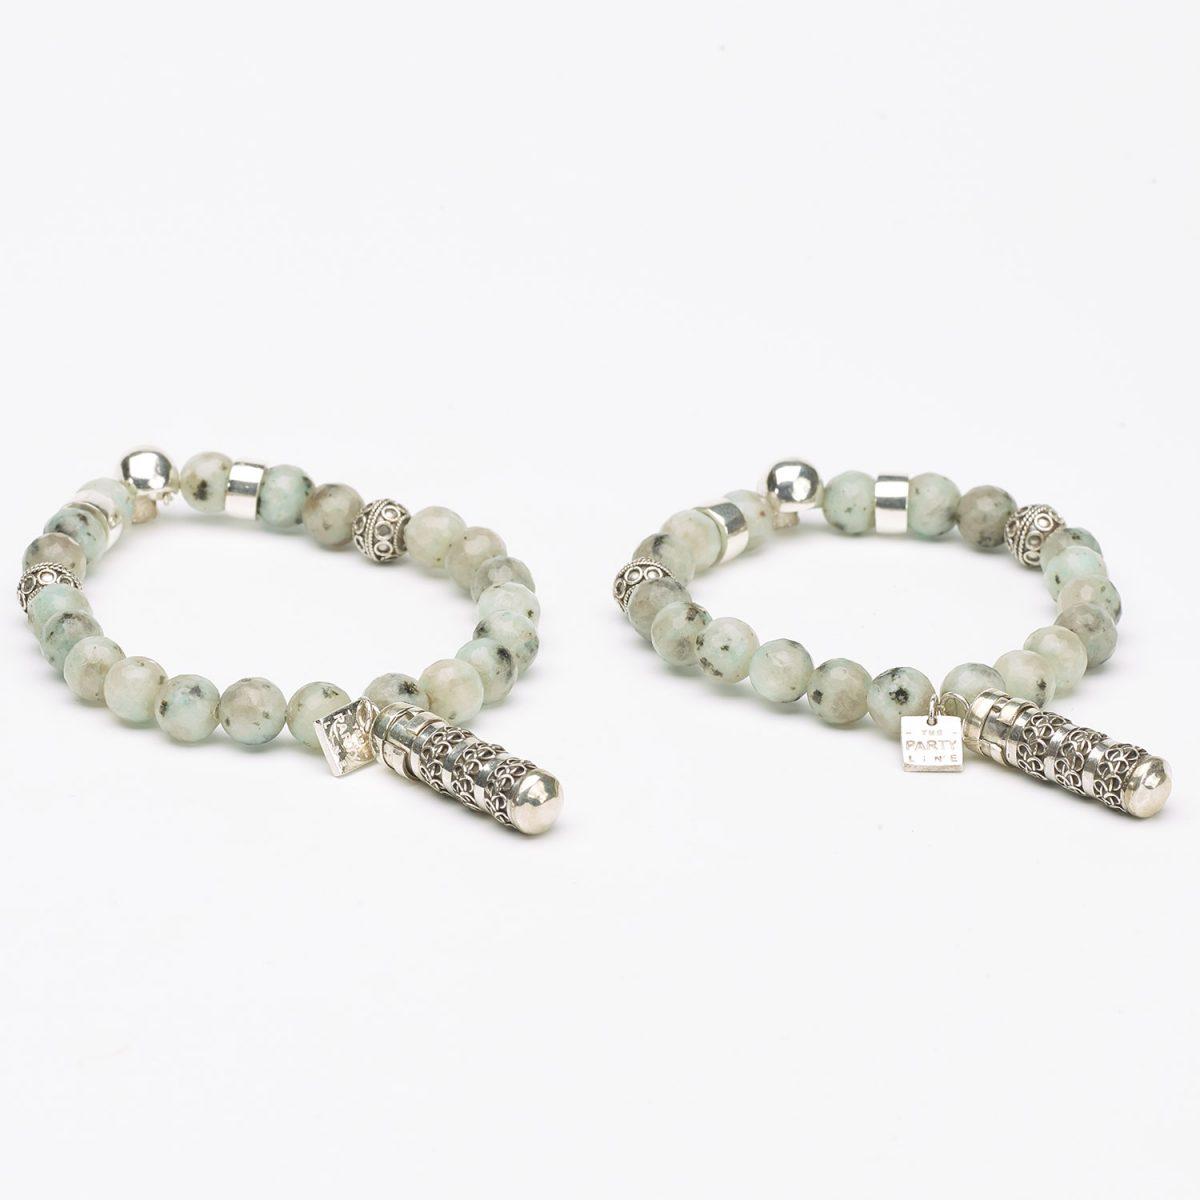 Bracelet argent massif-925 Perles amazonite - Perle de Jade